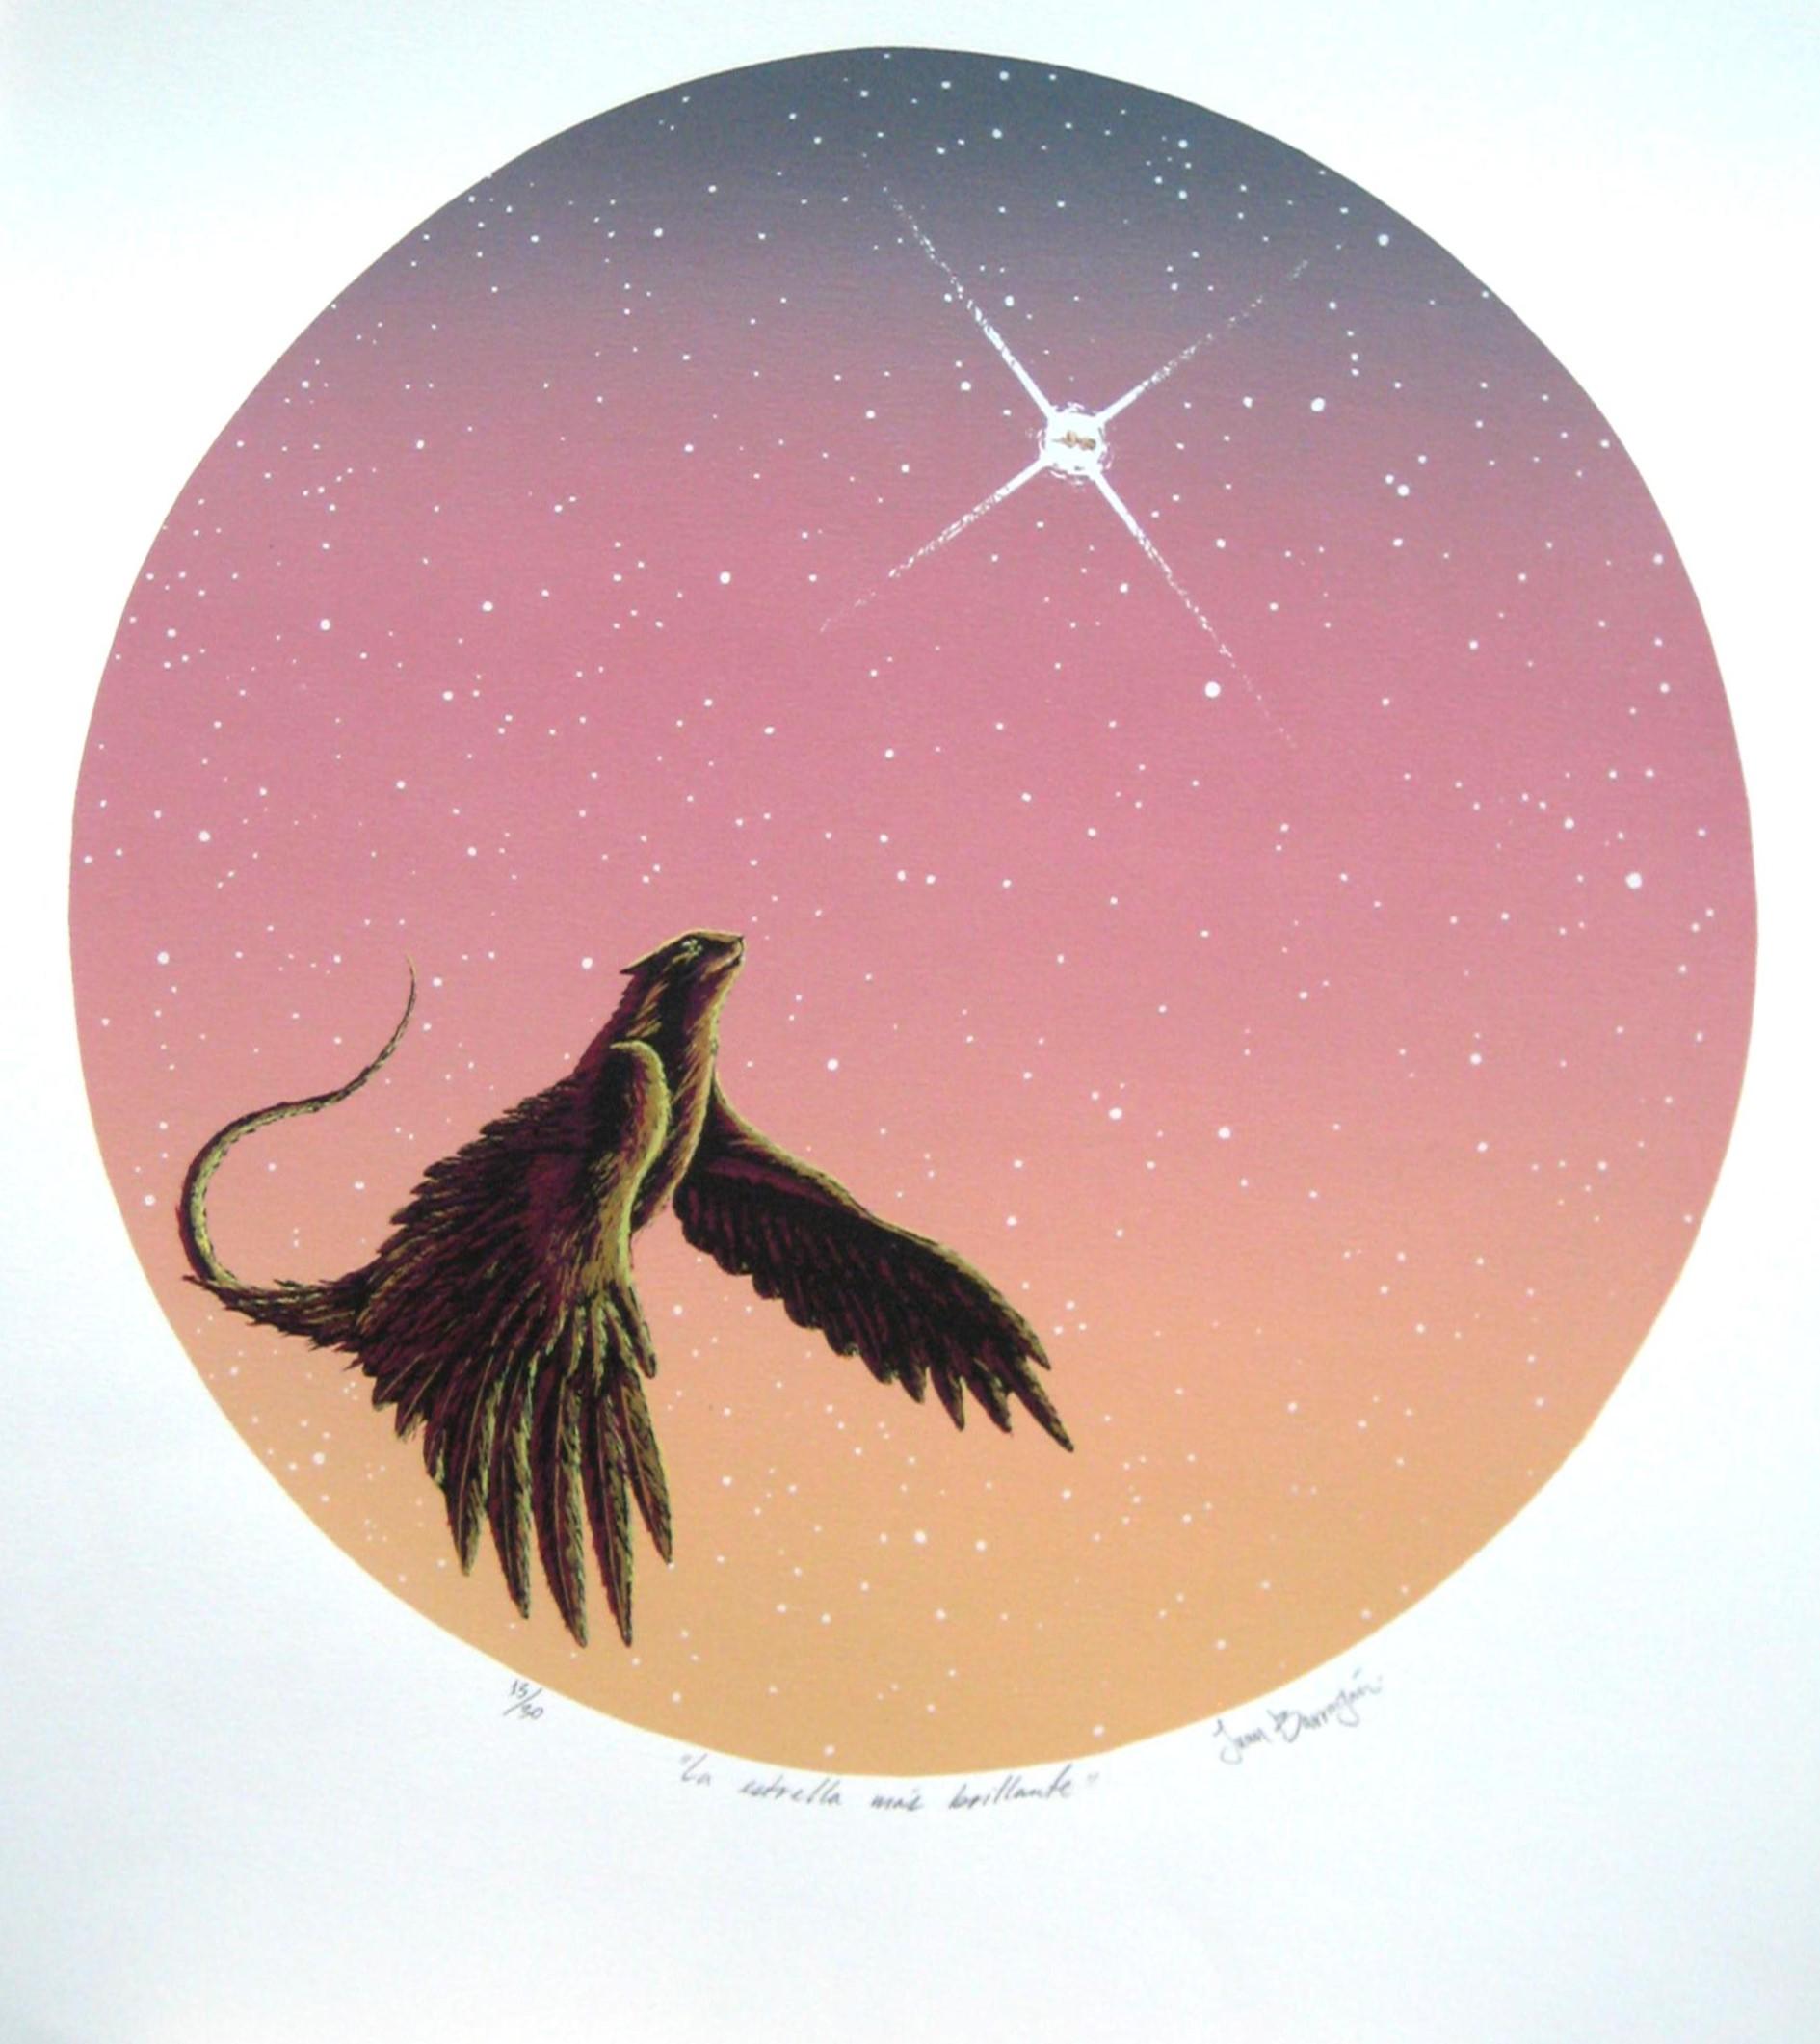 La estrella más brillante (S. de 30)